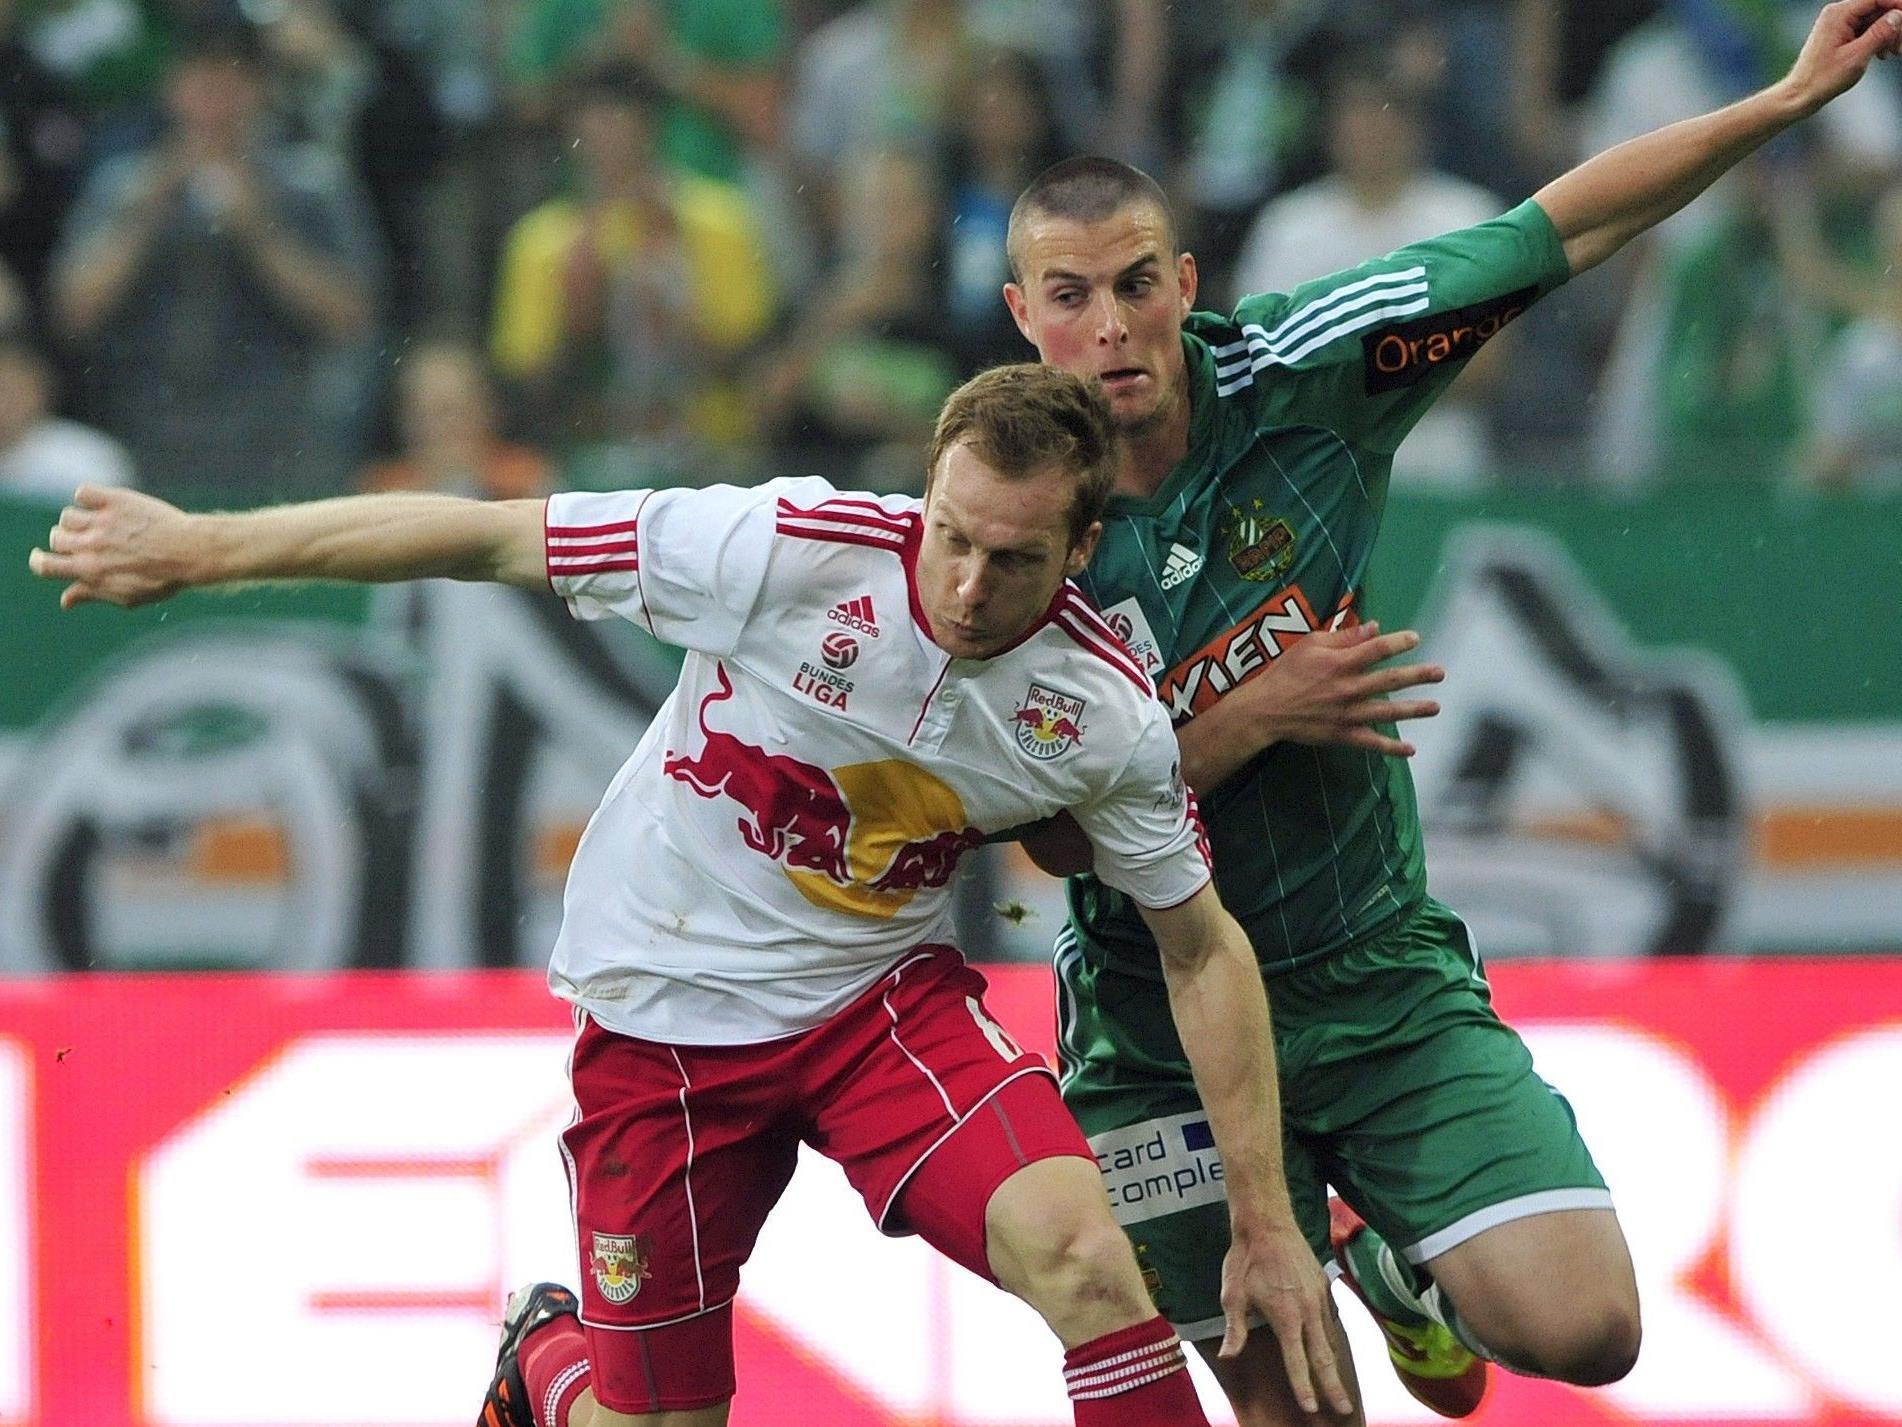 Salzburg konnte das Schlagerspiel gegen Rapid Wien für sich entscheiden.